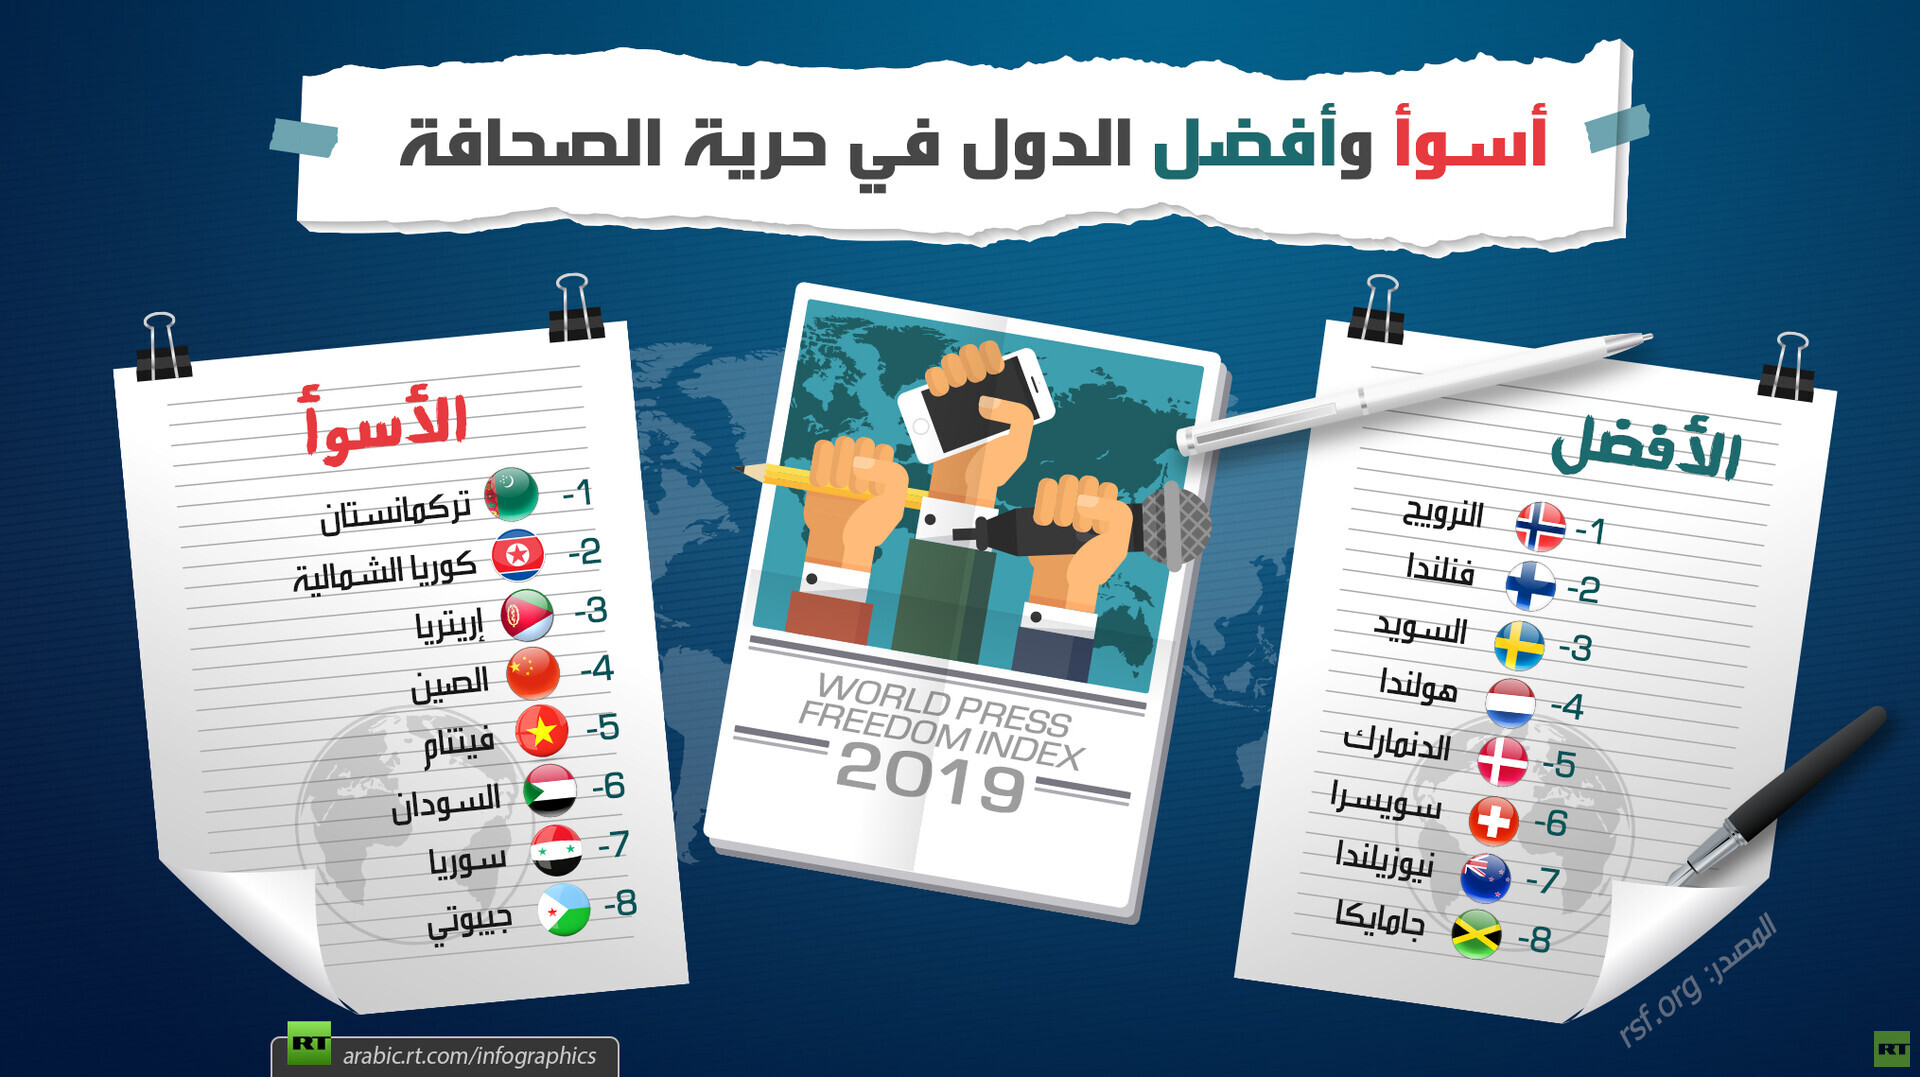 أسوأ وأفضل الدول في حرية الصحافة 2019